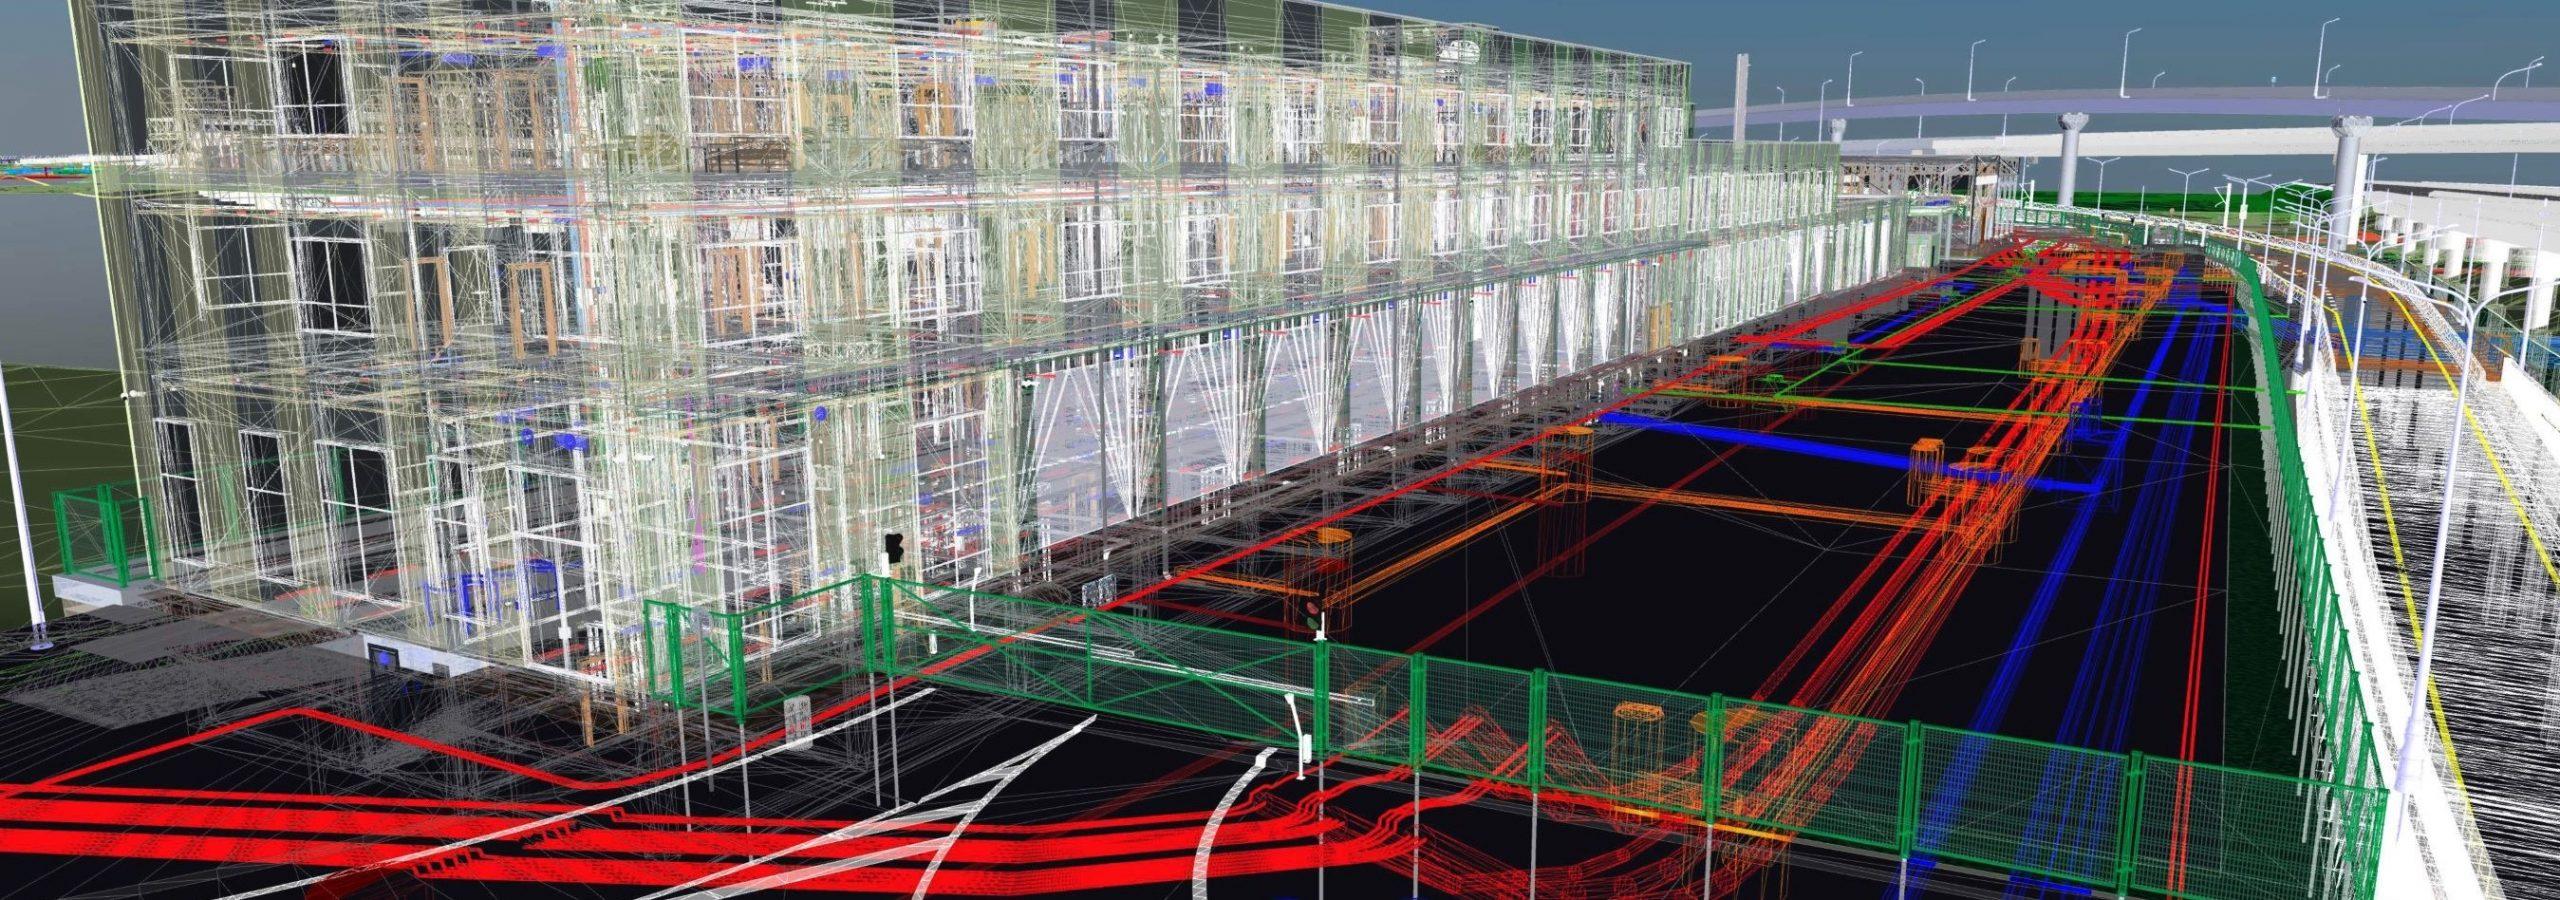 Kooperation anhand digitaler 3D-Repräsentationen